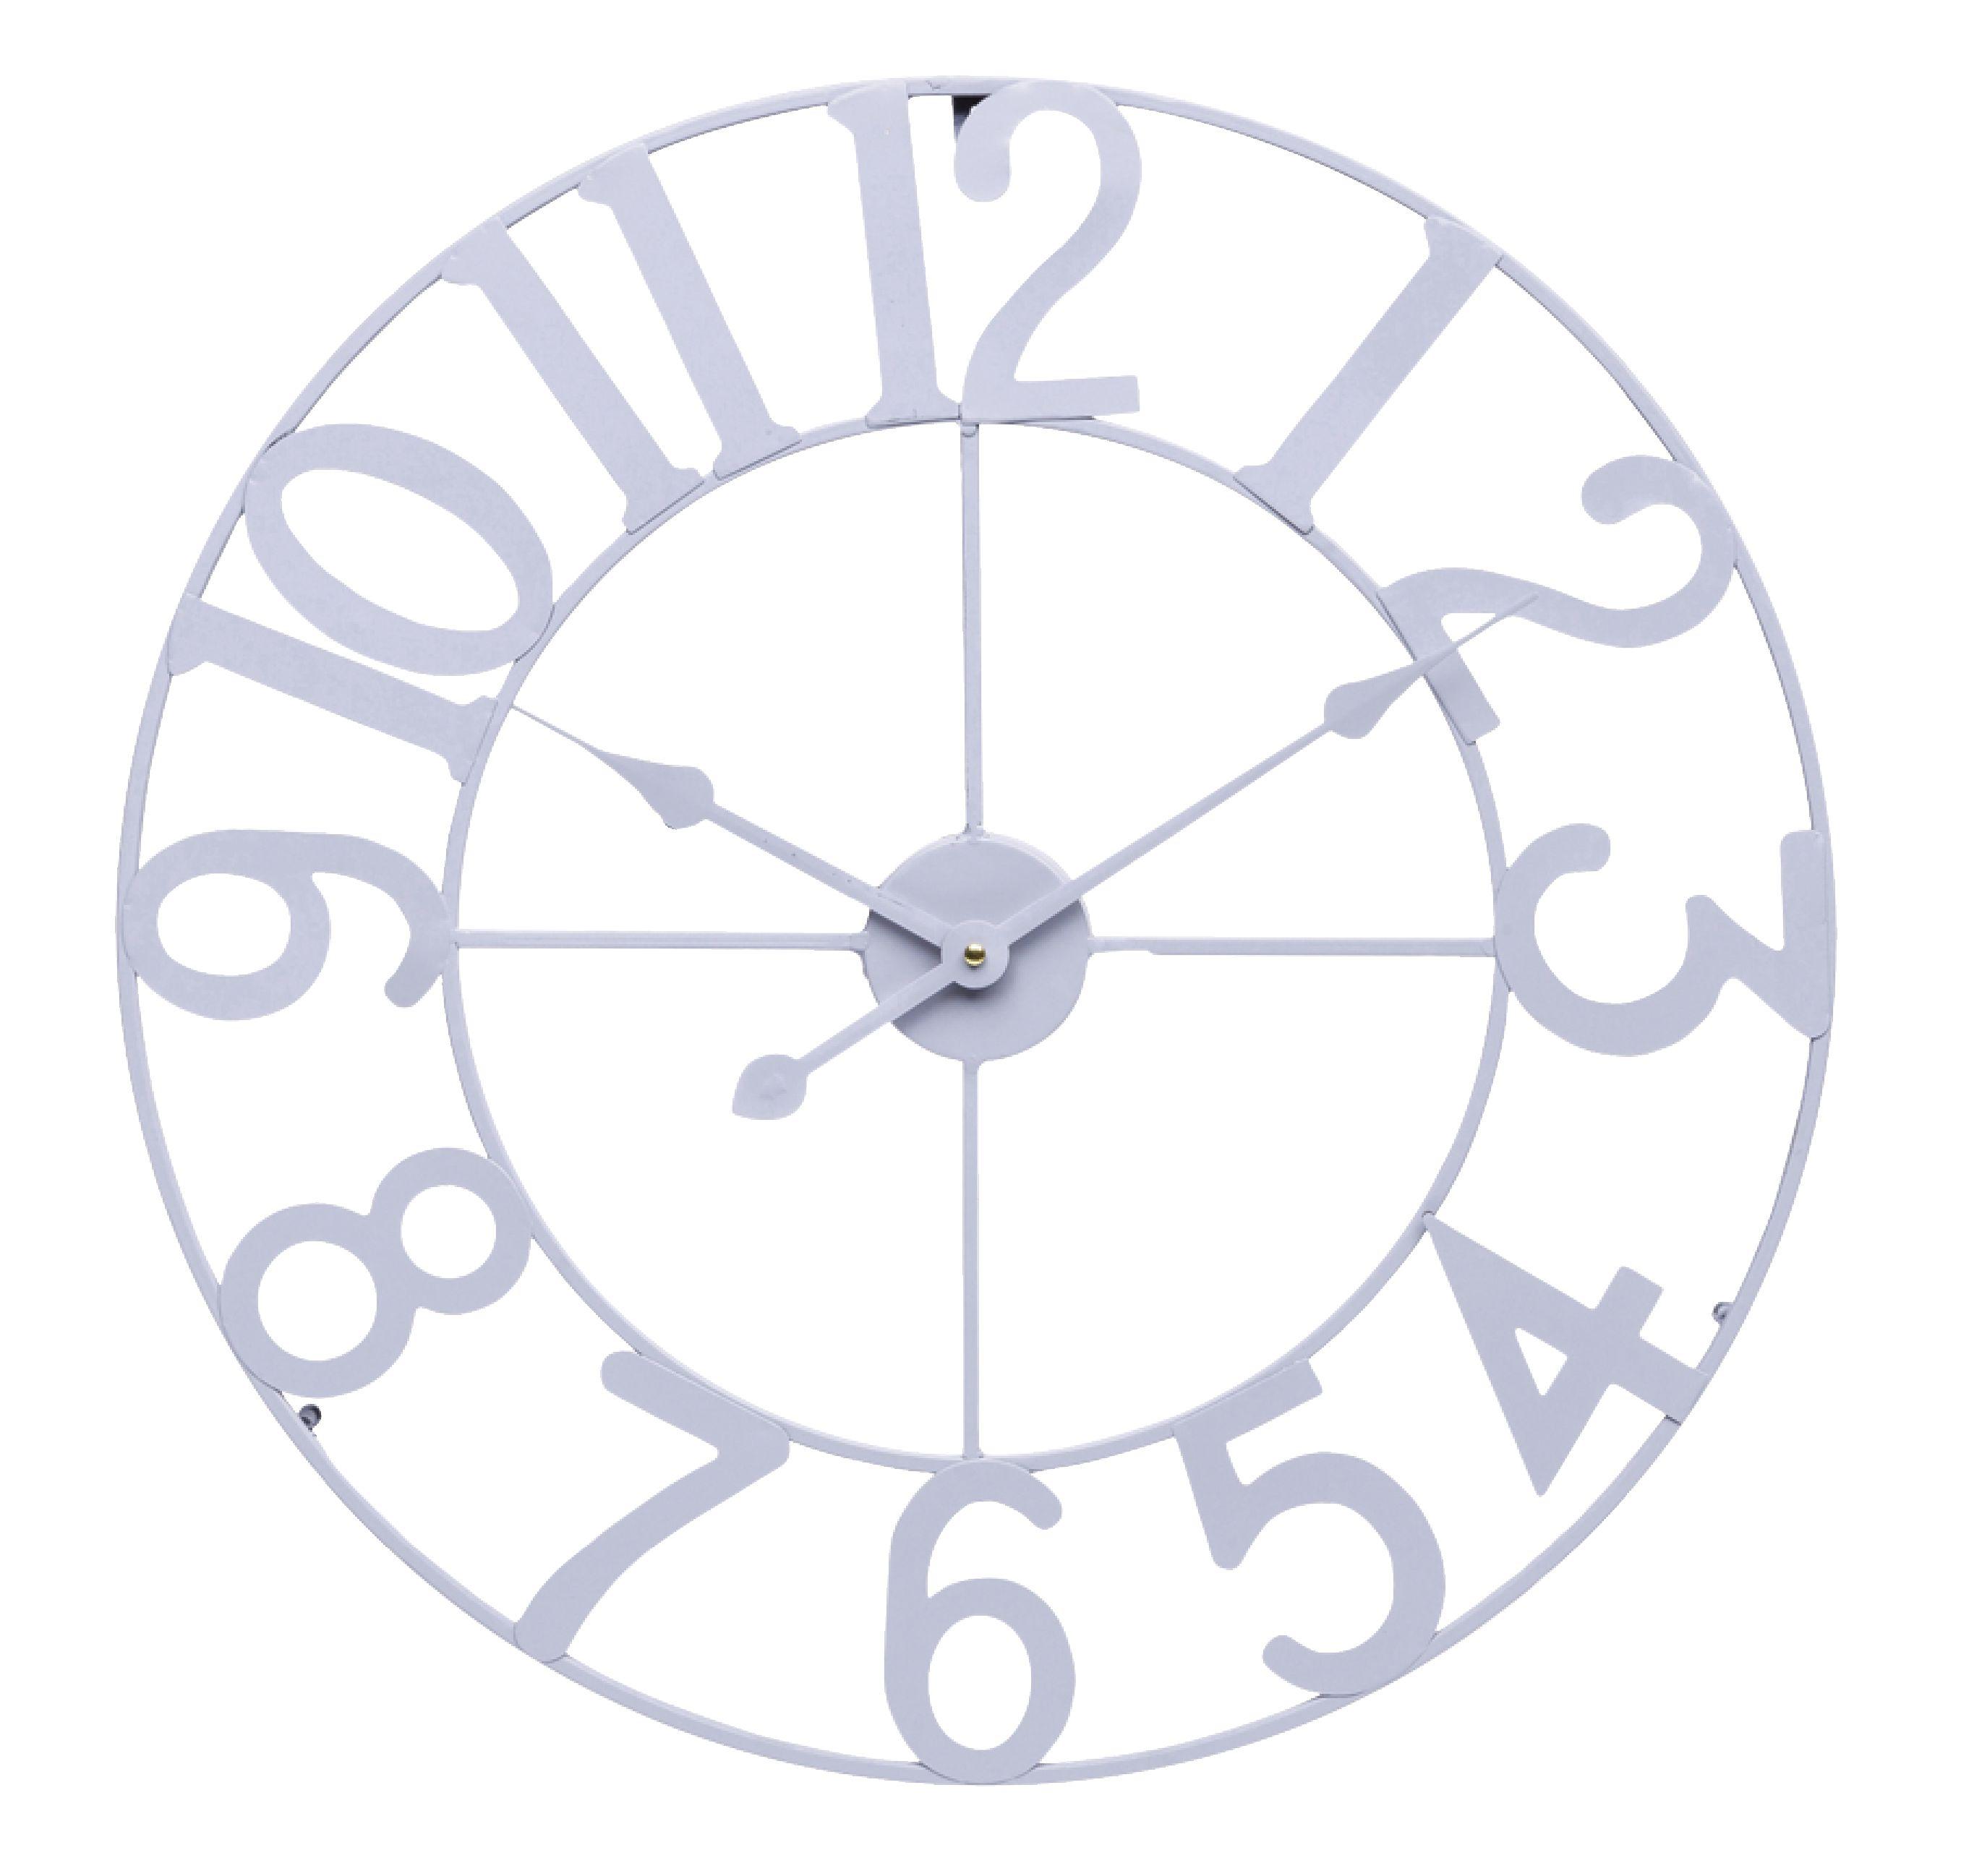 Analogové nástěnné hodiny 60 cm Balance 306154